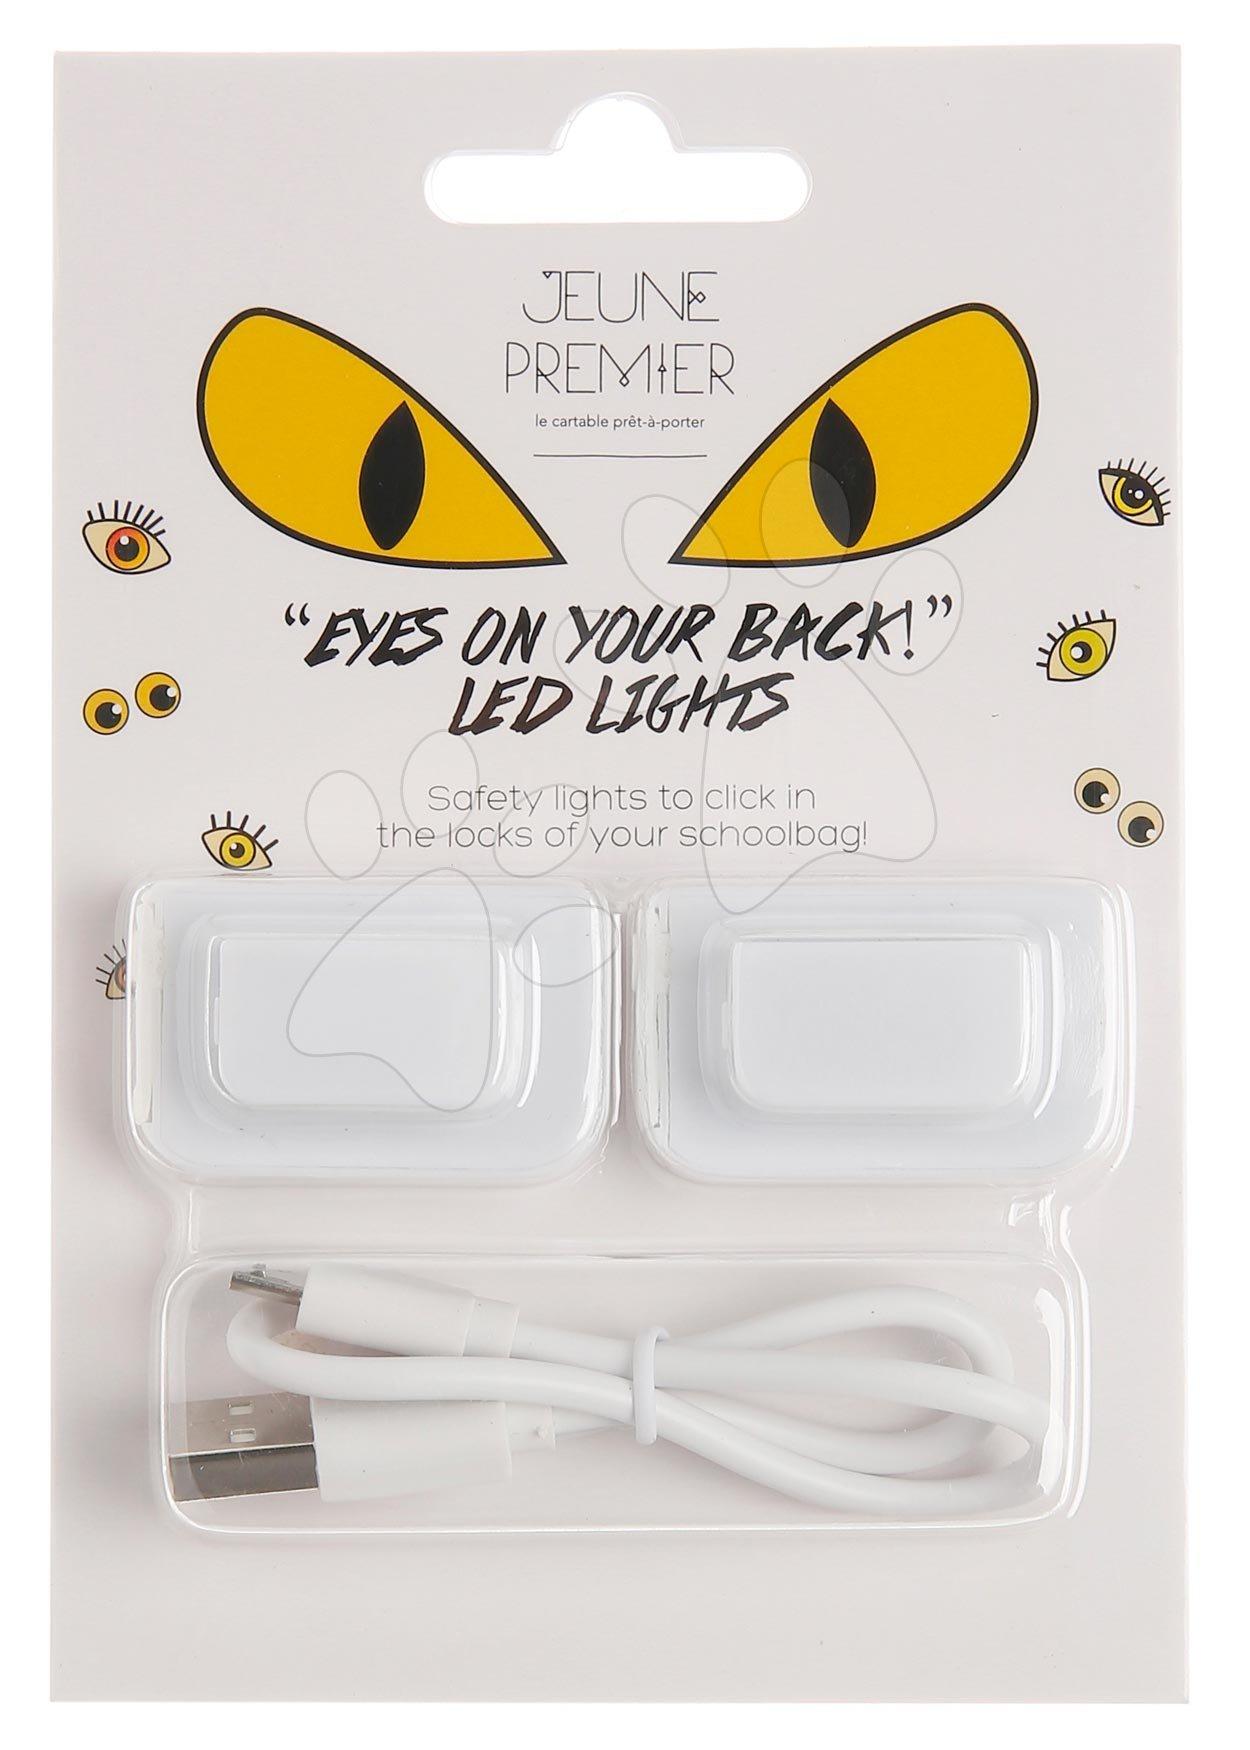 LED svetlá do spony na aktovku Led lights Eyes Jeune Premier luxusné prevedenie